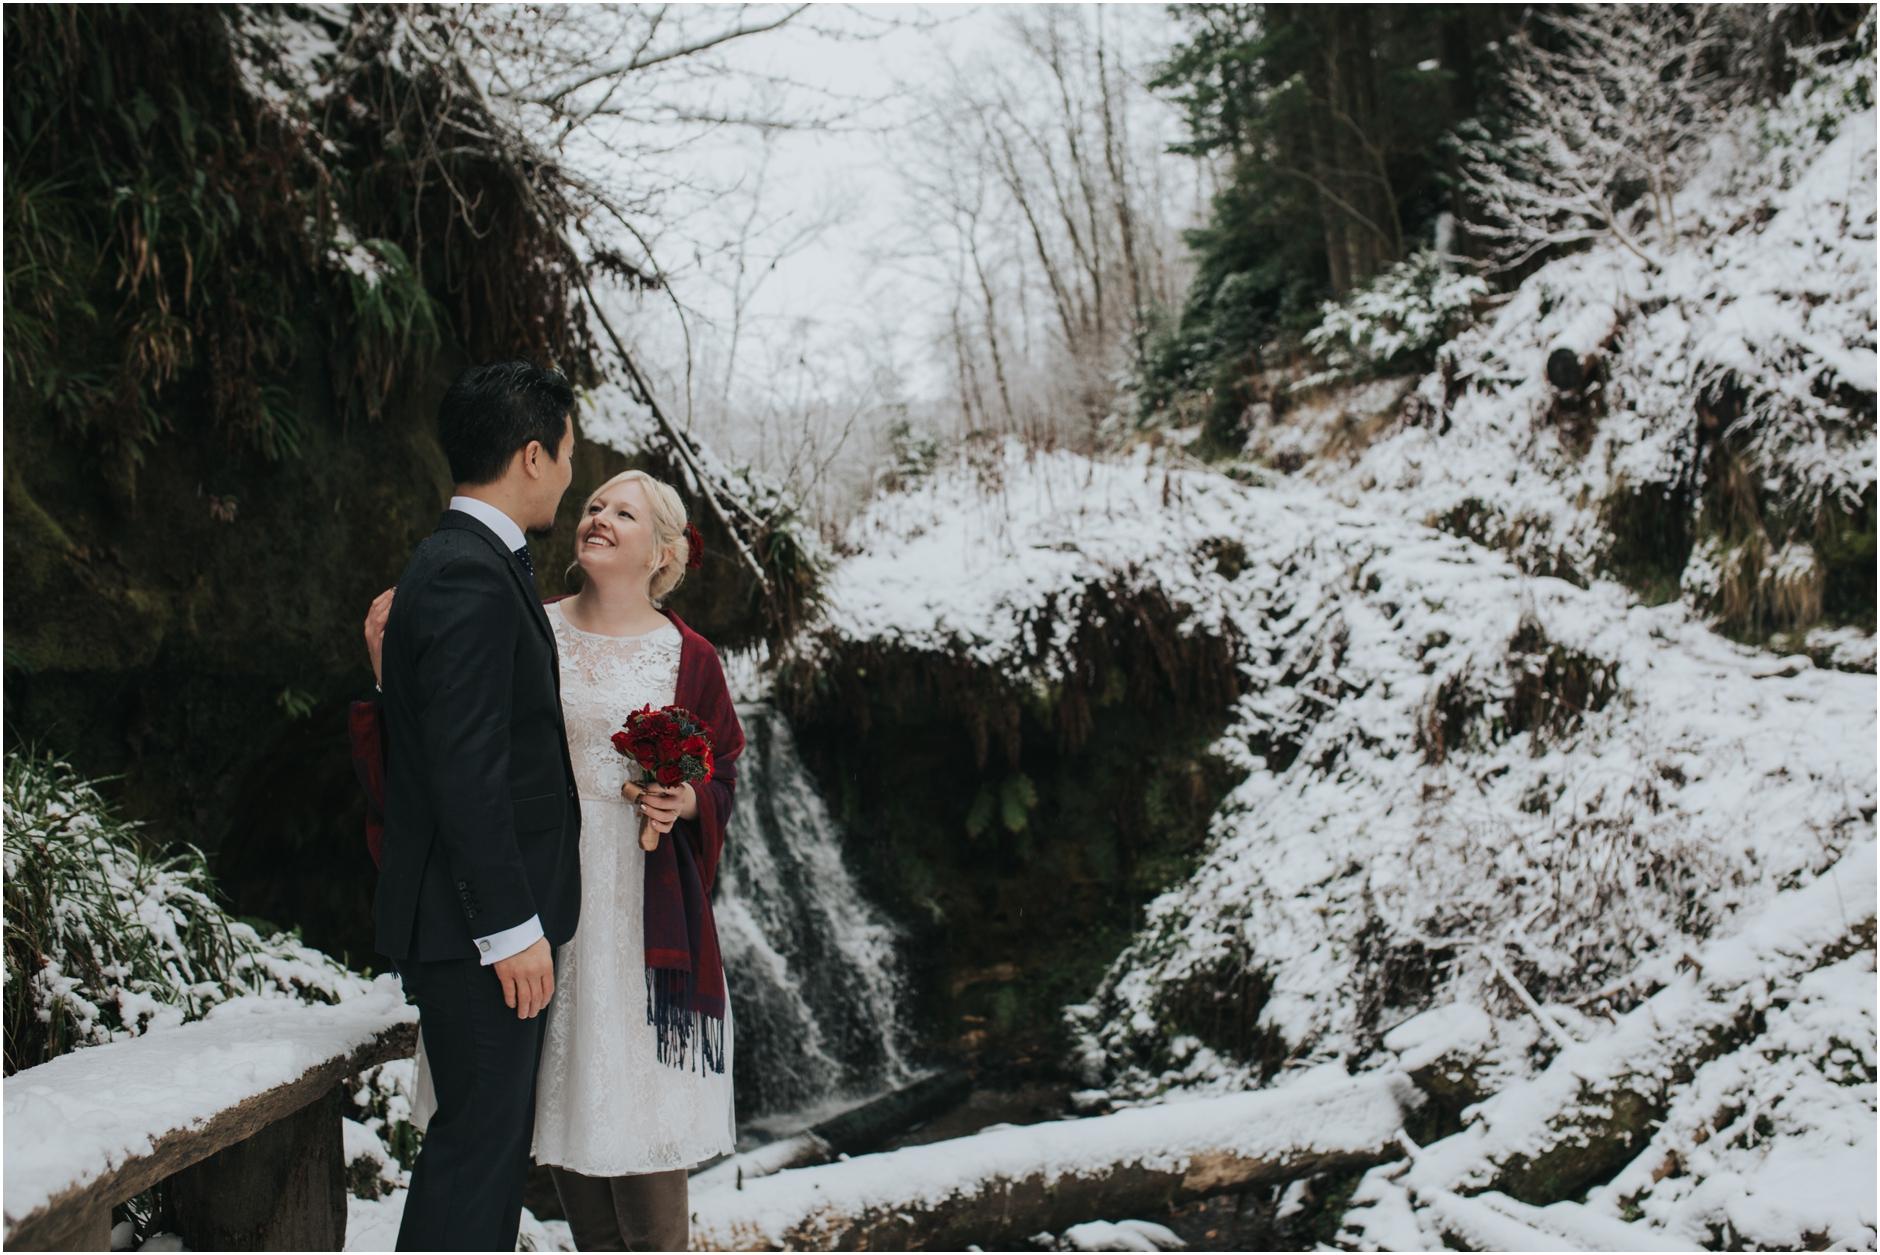 scottish snowy winter wedding elopement